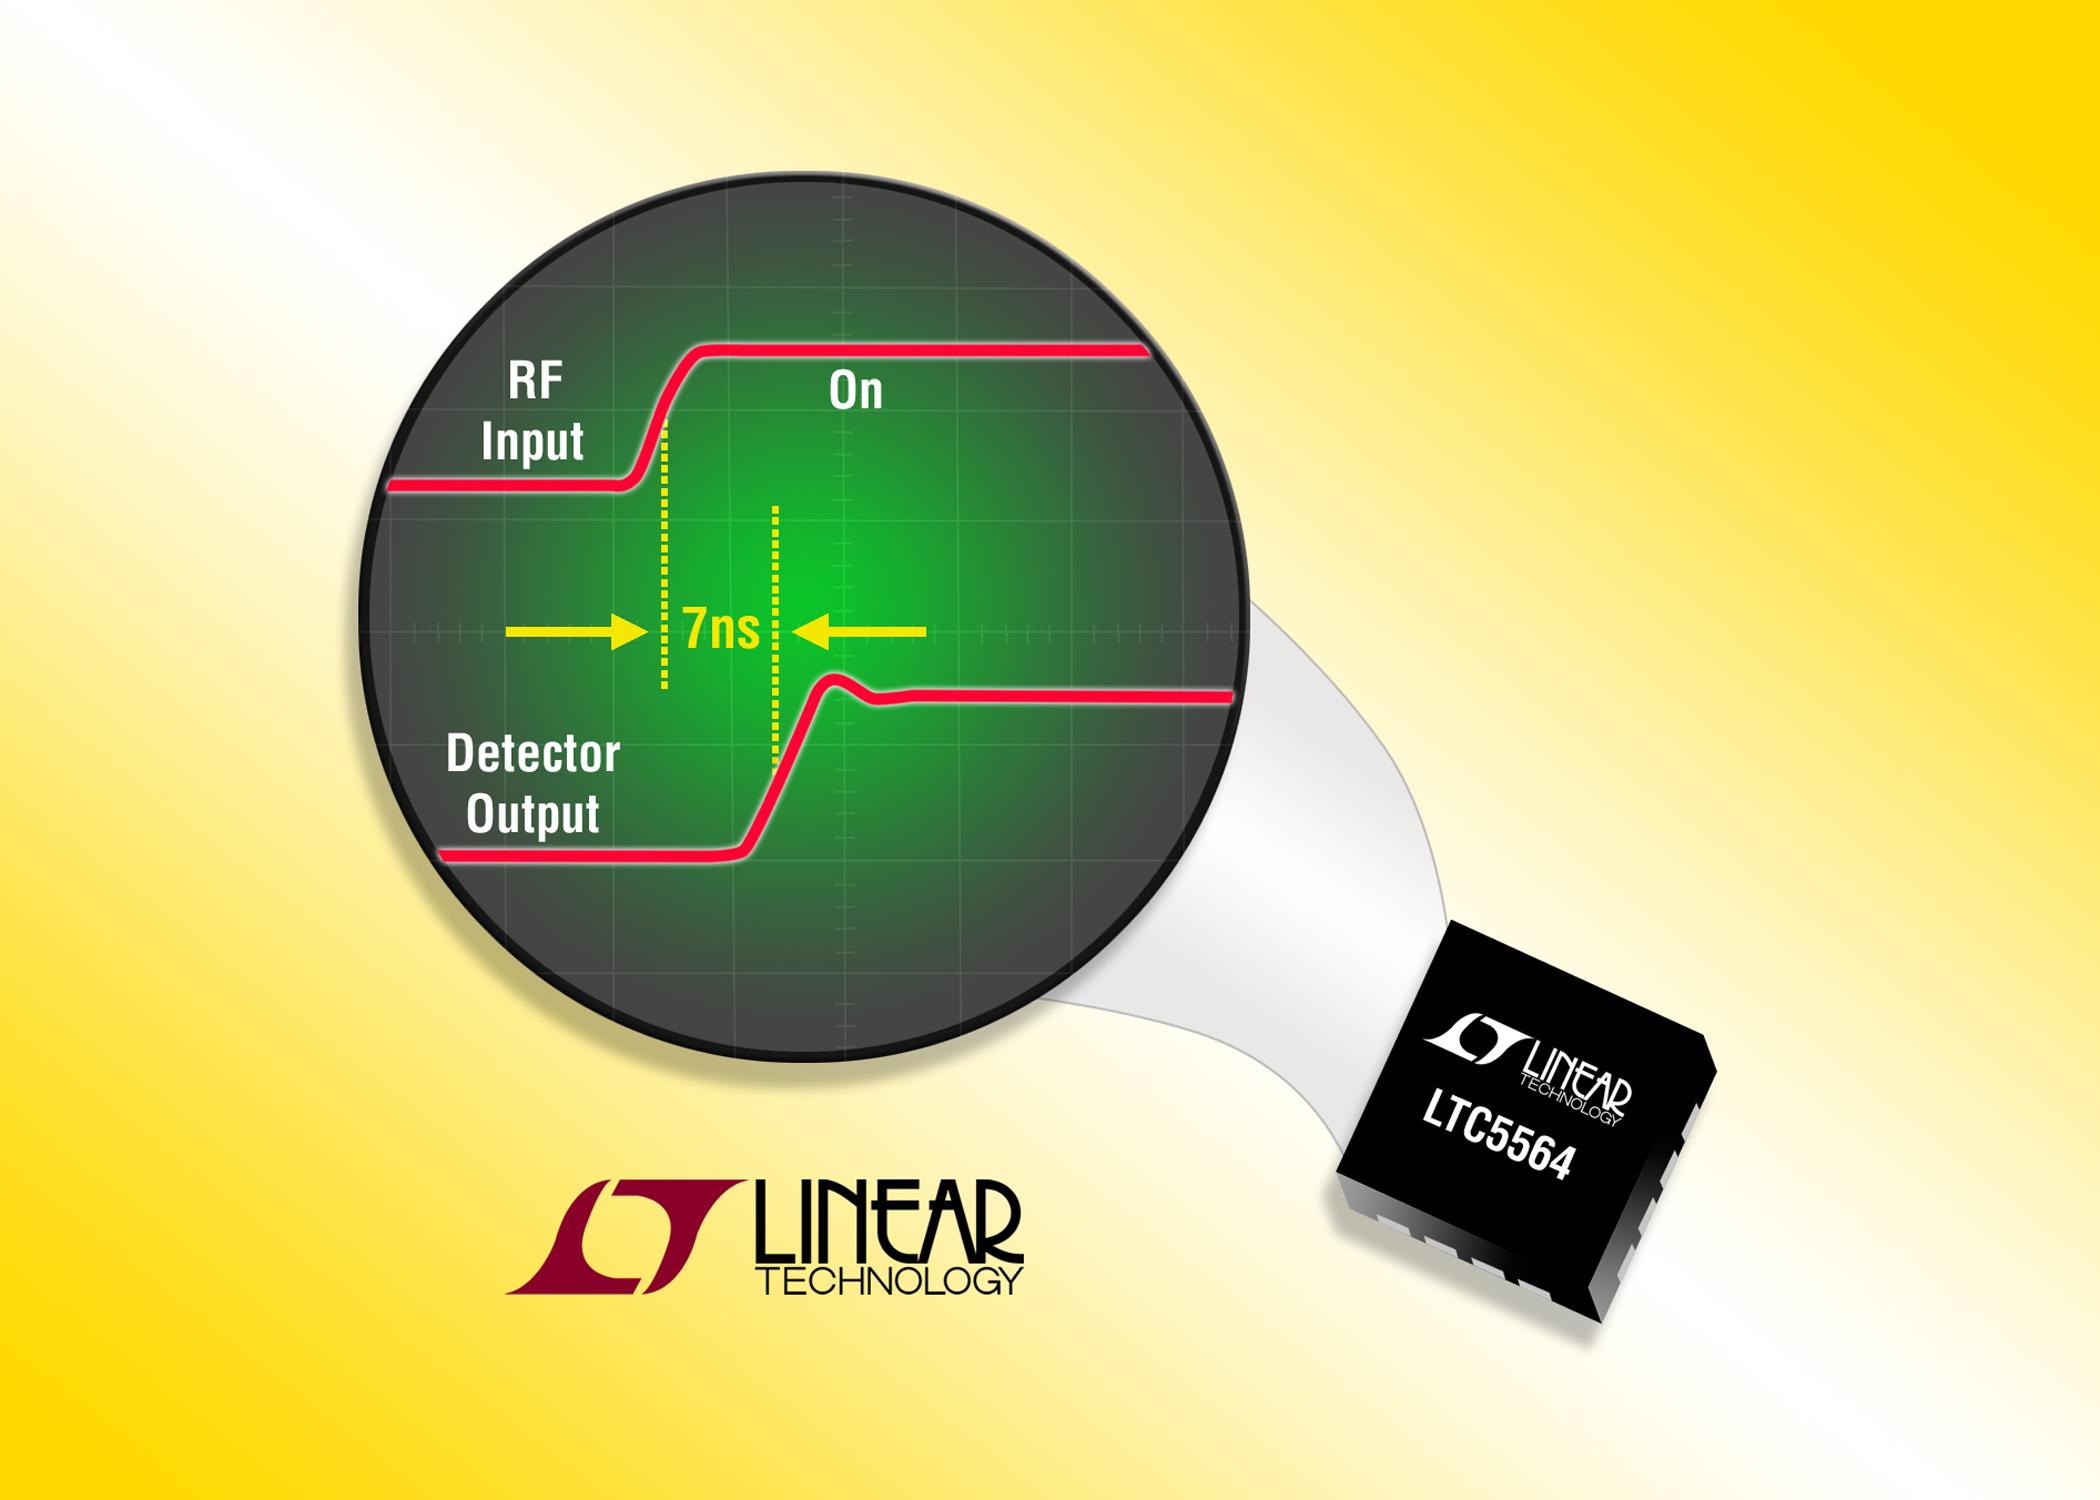 照片说明:超快 15GHz RF 功率检波器